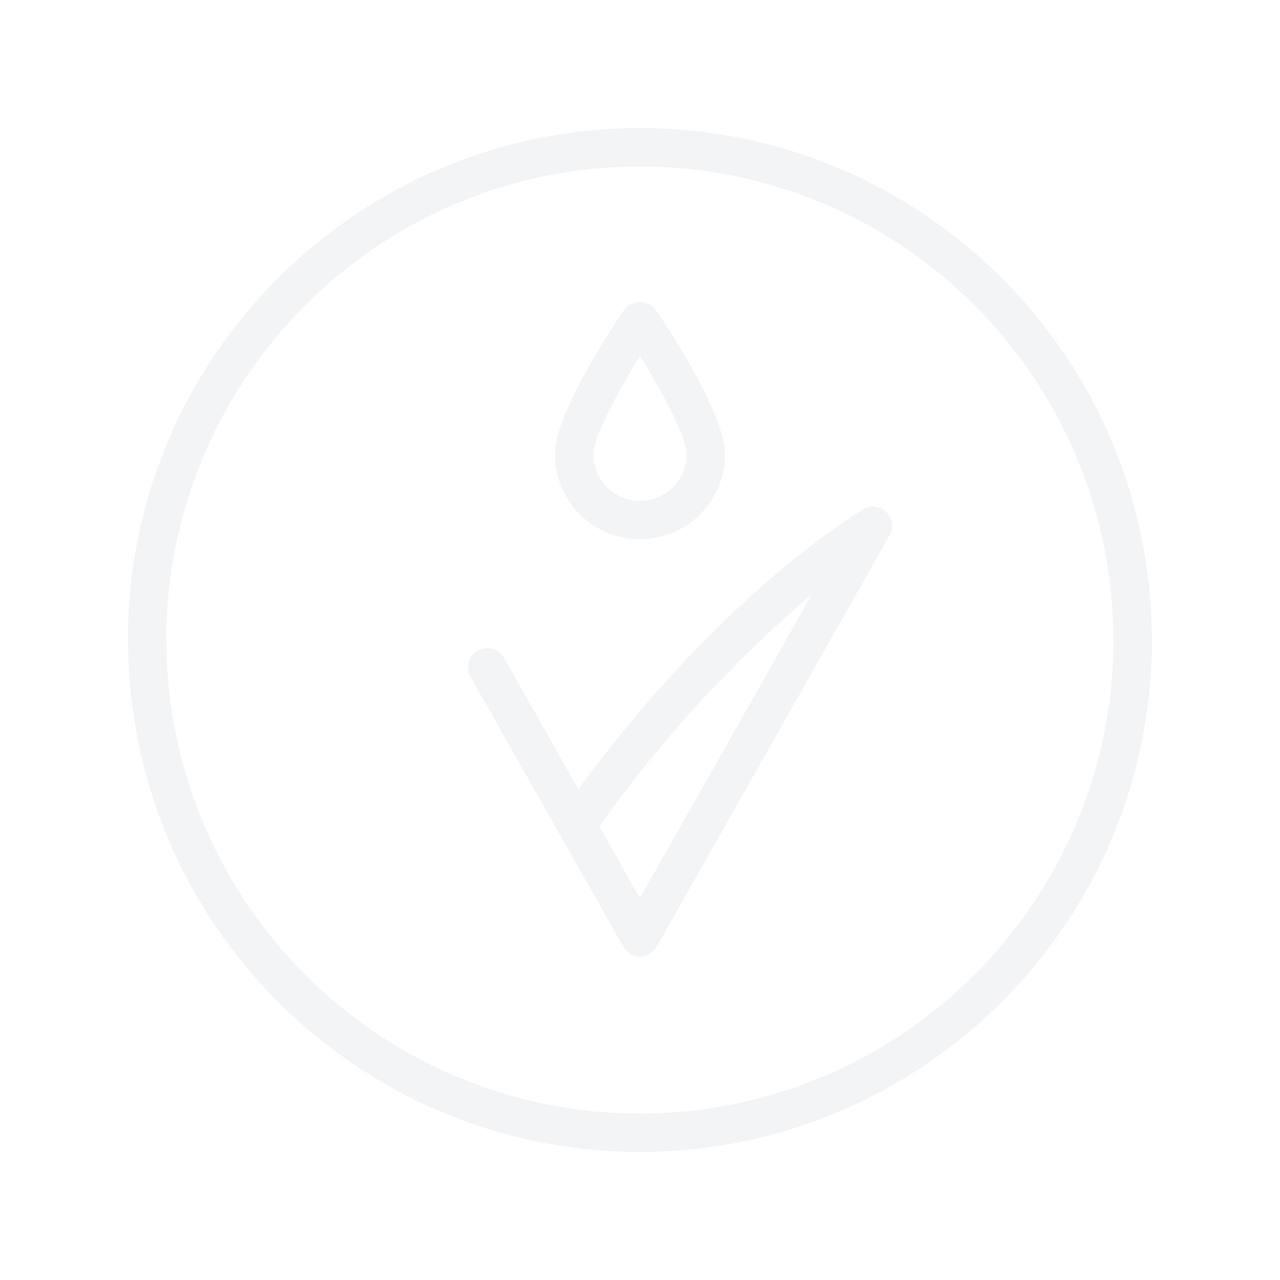 Macadamia Tervendav juukseõlisprei 125ml